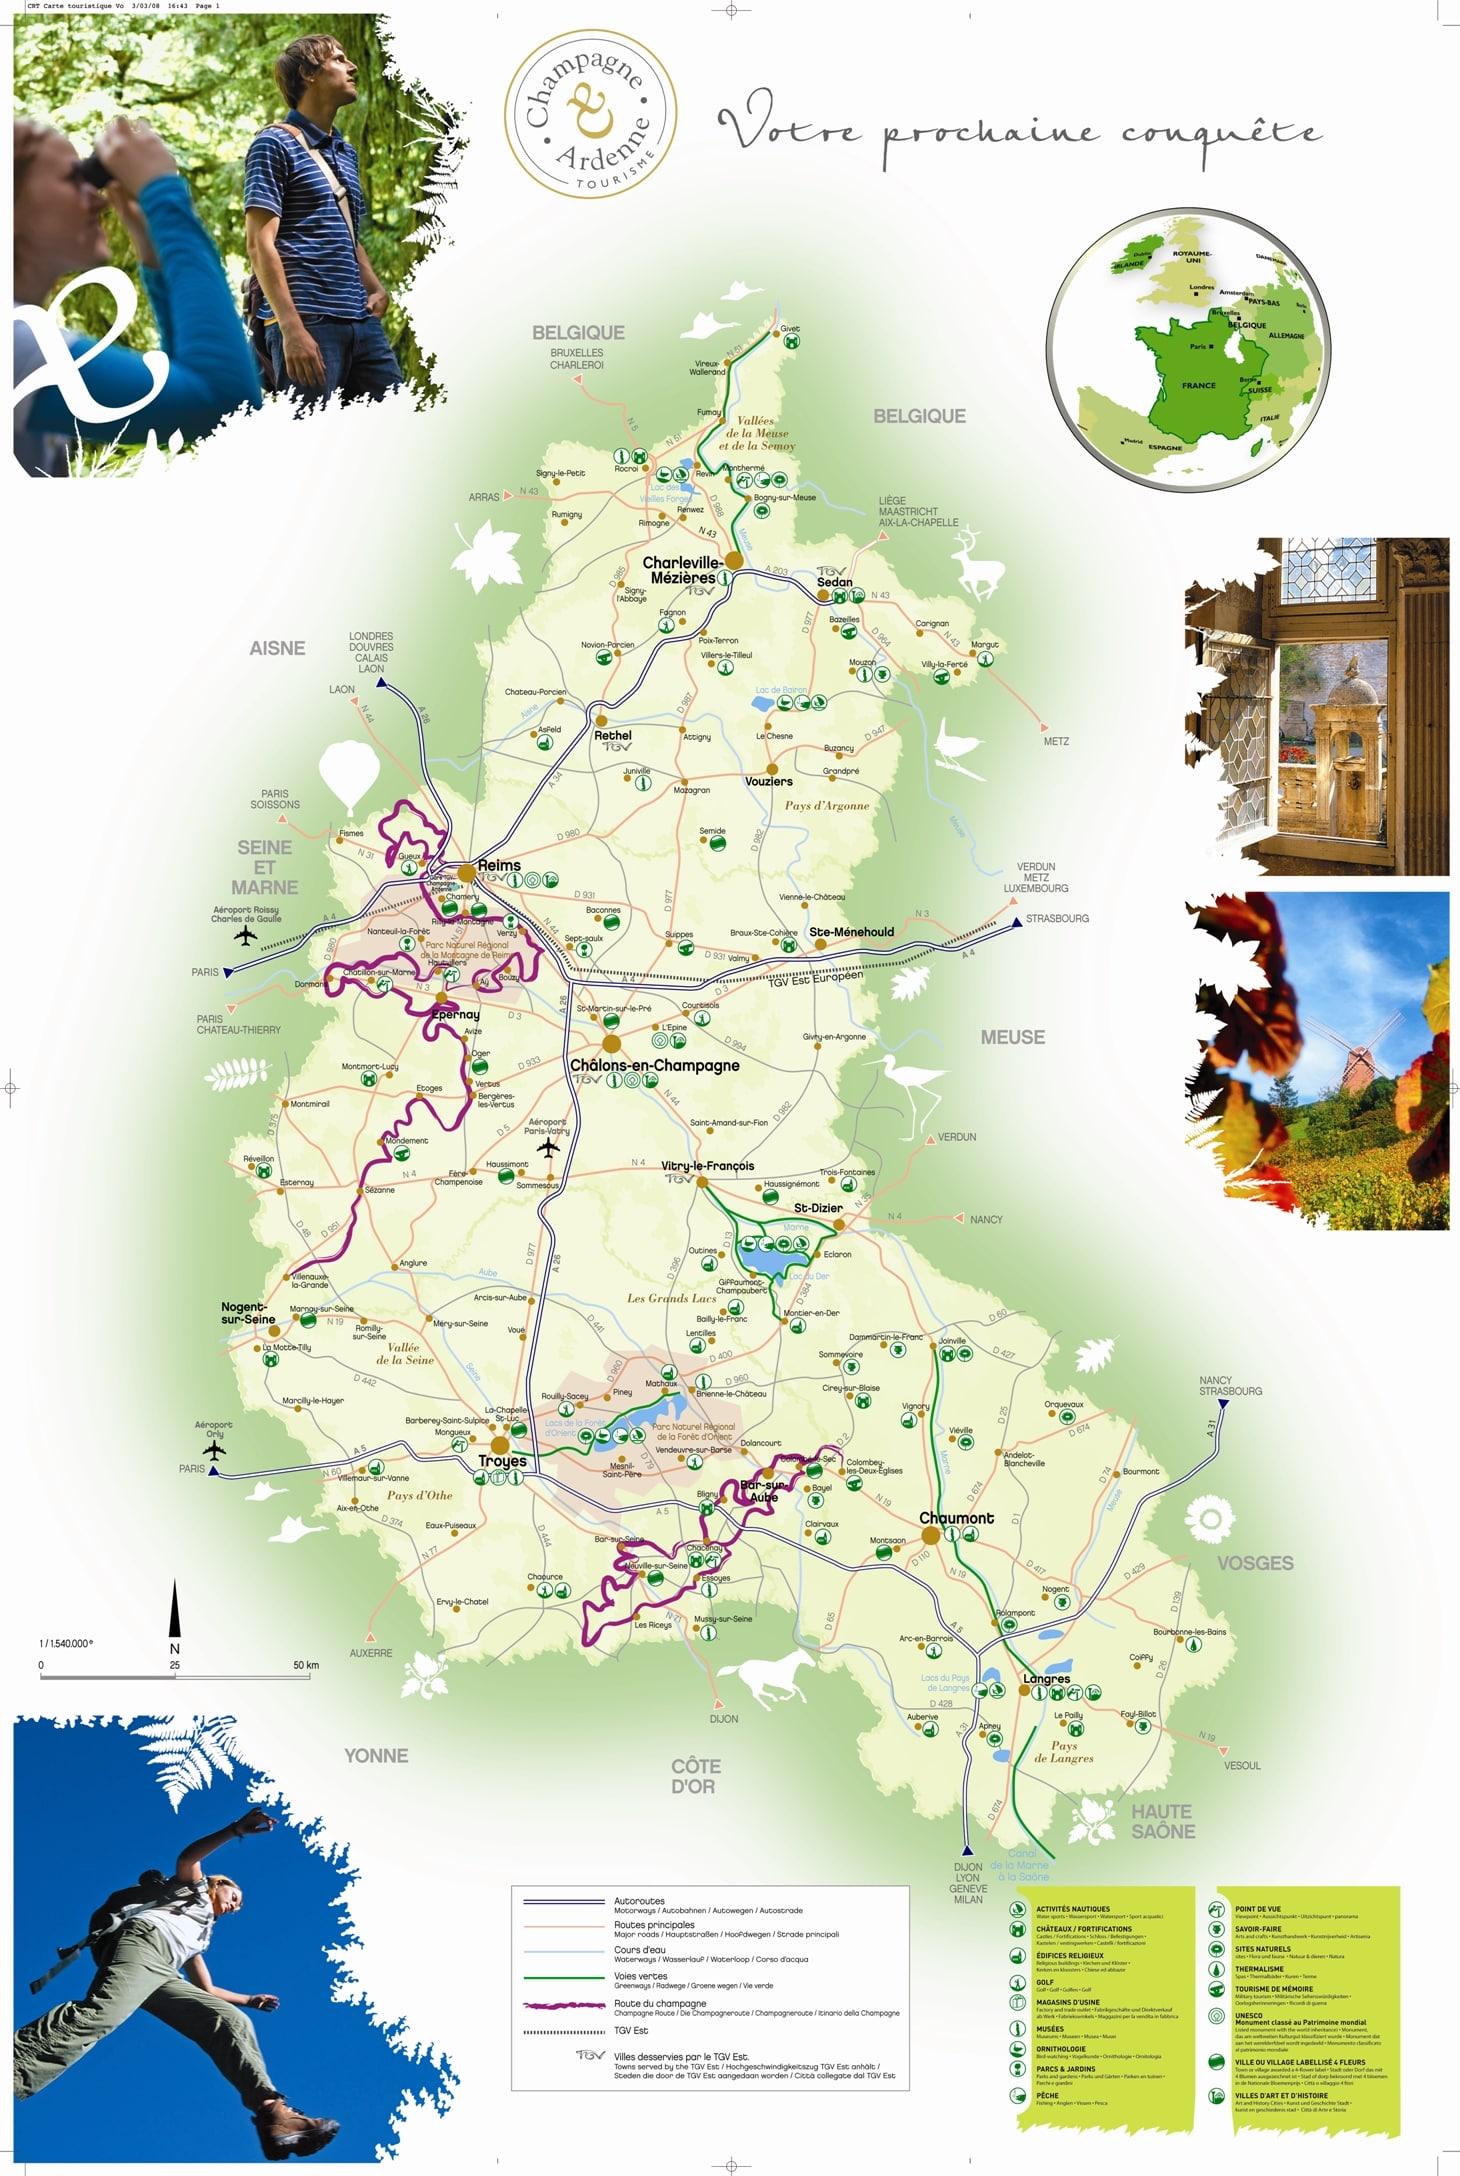 Champagne ardenne carte touristique voyages cartes - Office du tourisme champagne ...